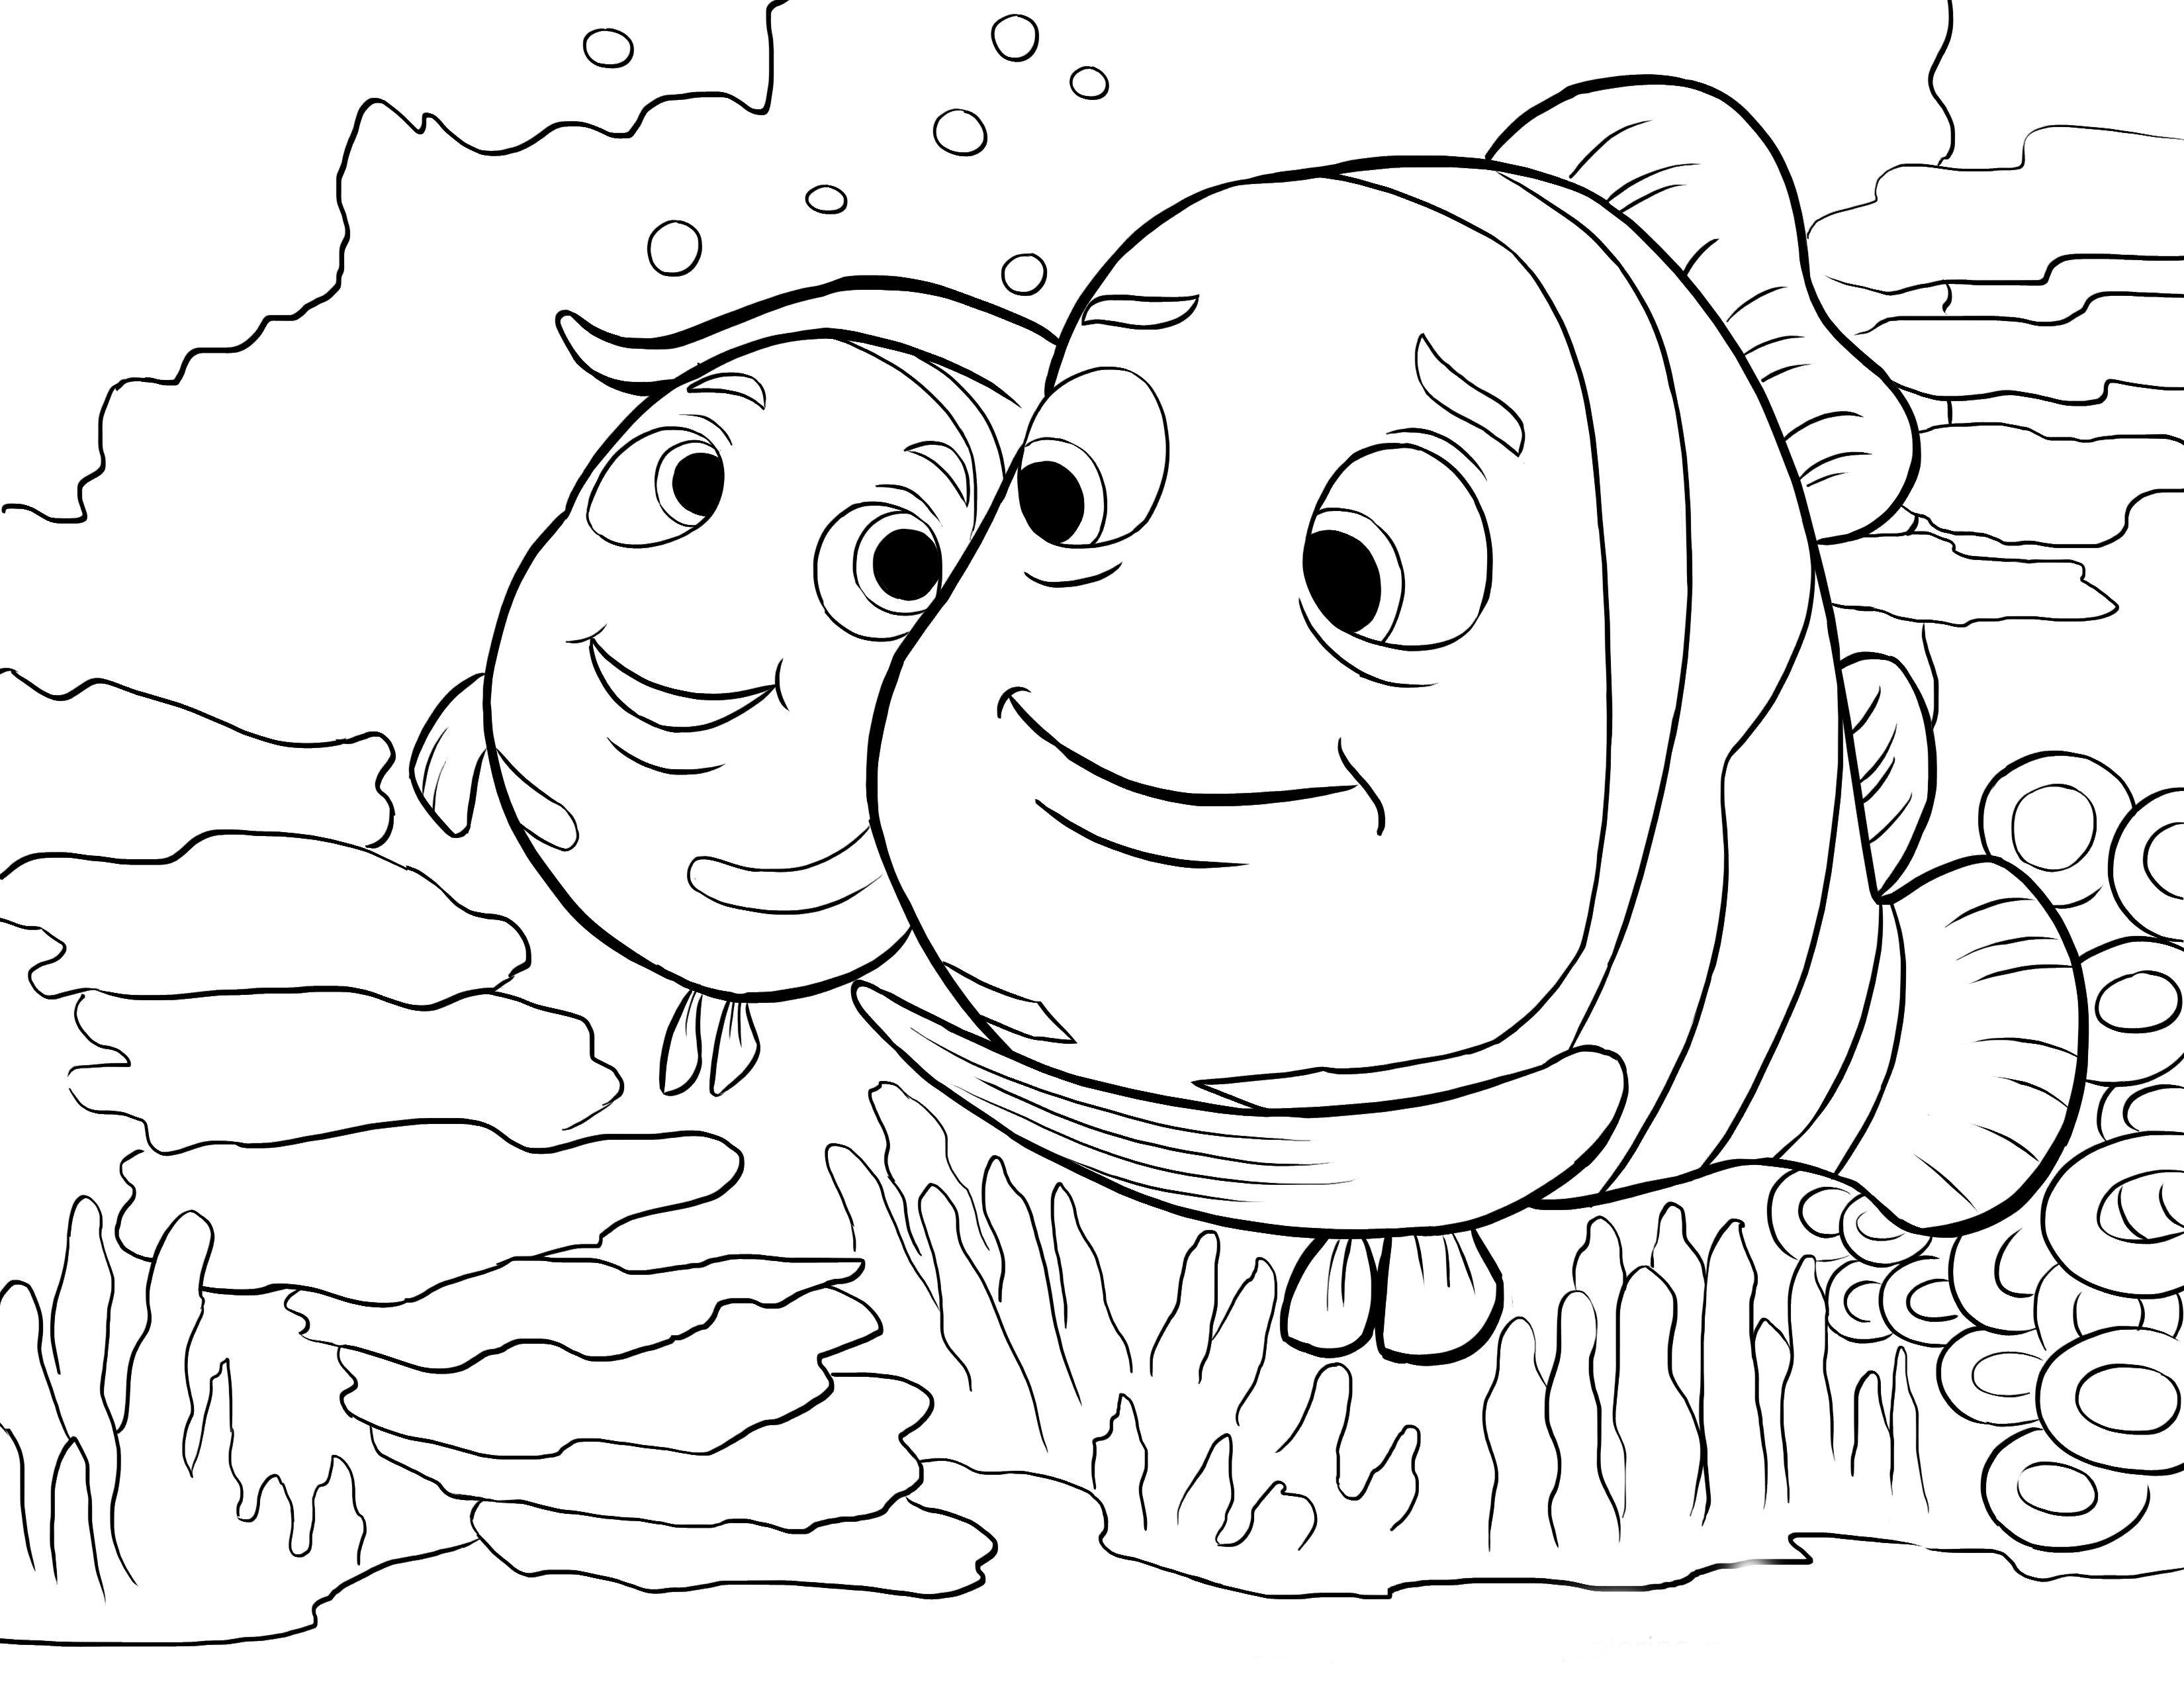 Desenho De Pai Do Nemo Para Colorir